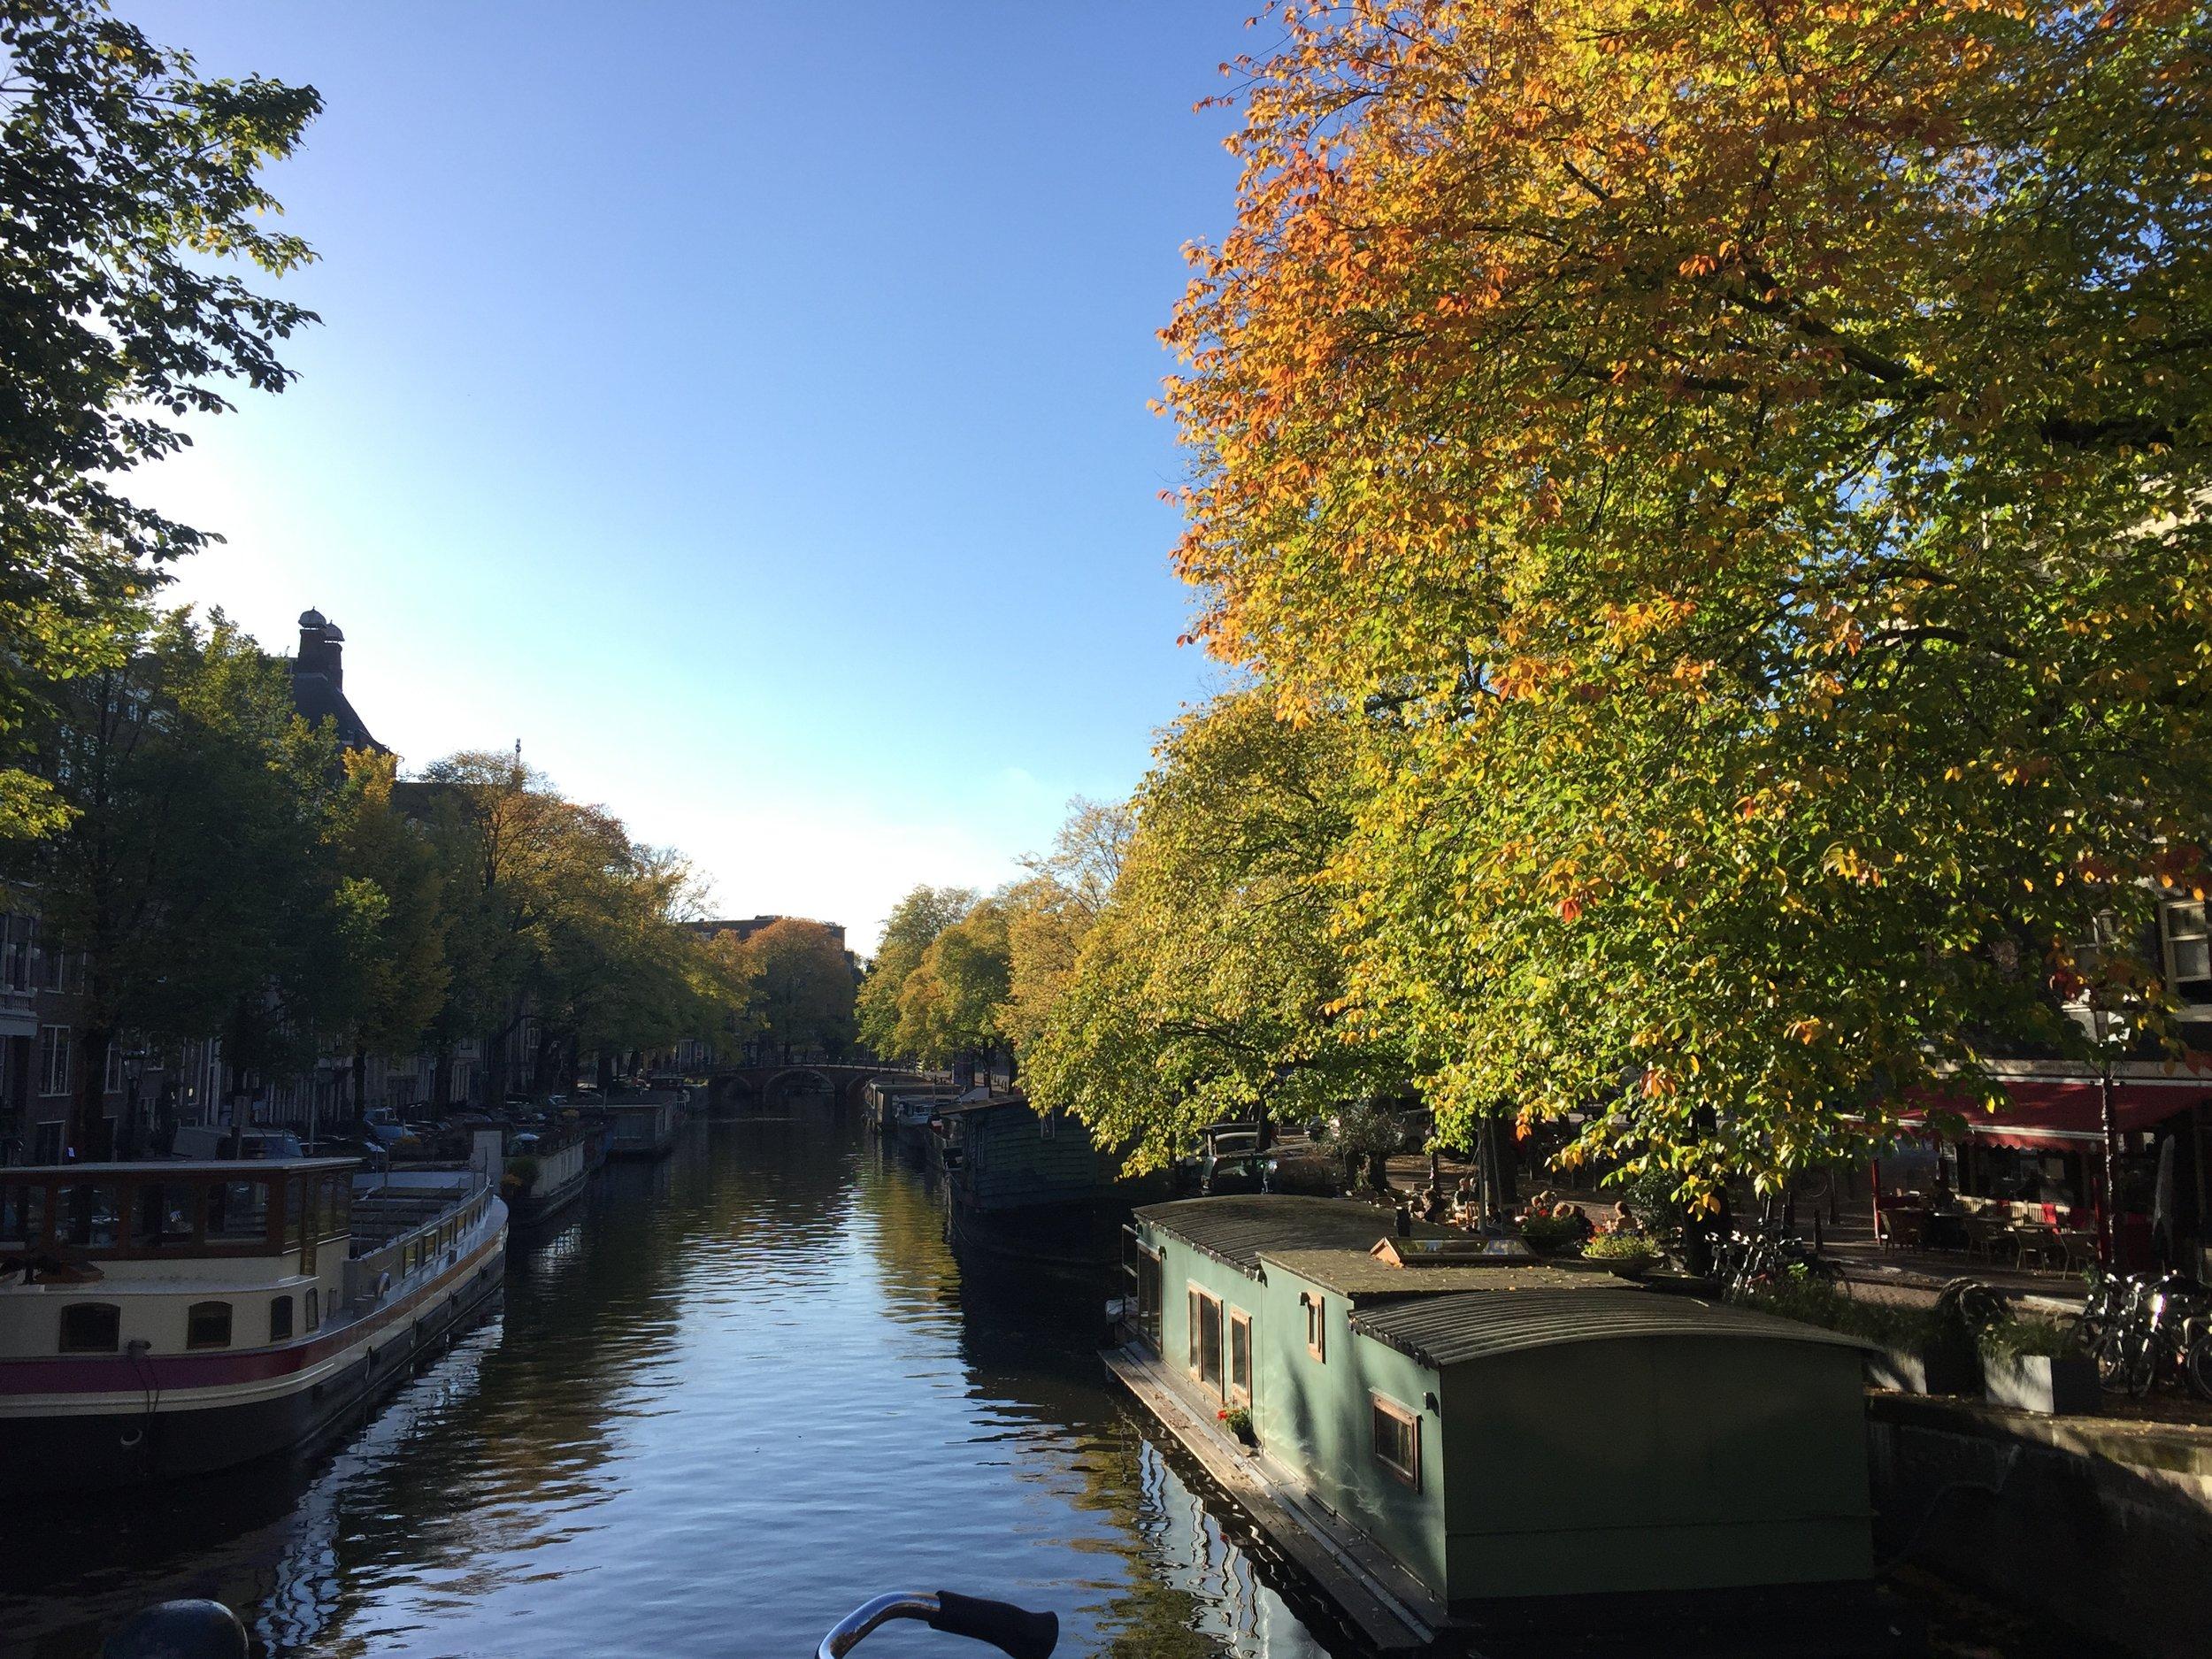 Autumn view on Prinsengracht